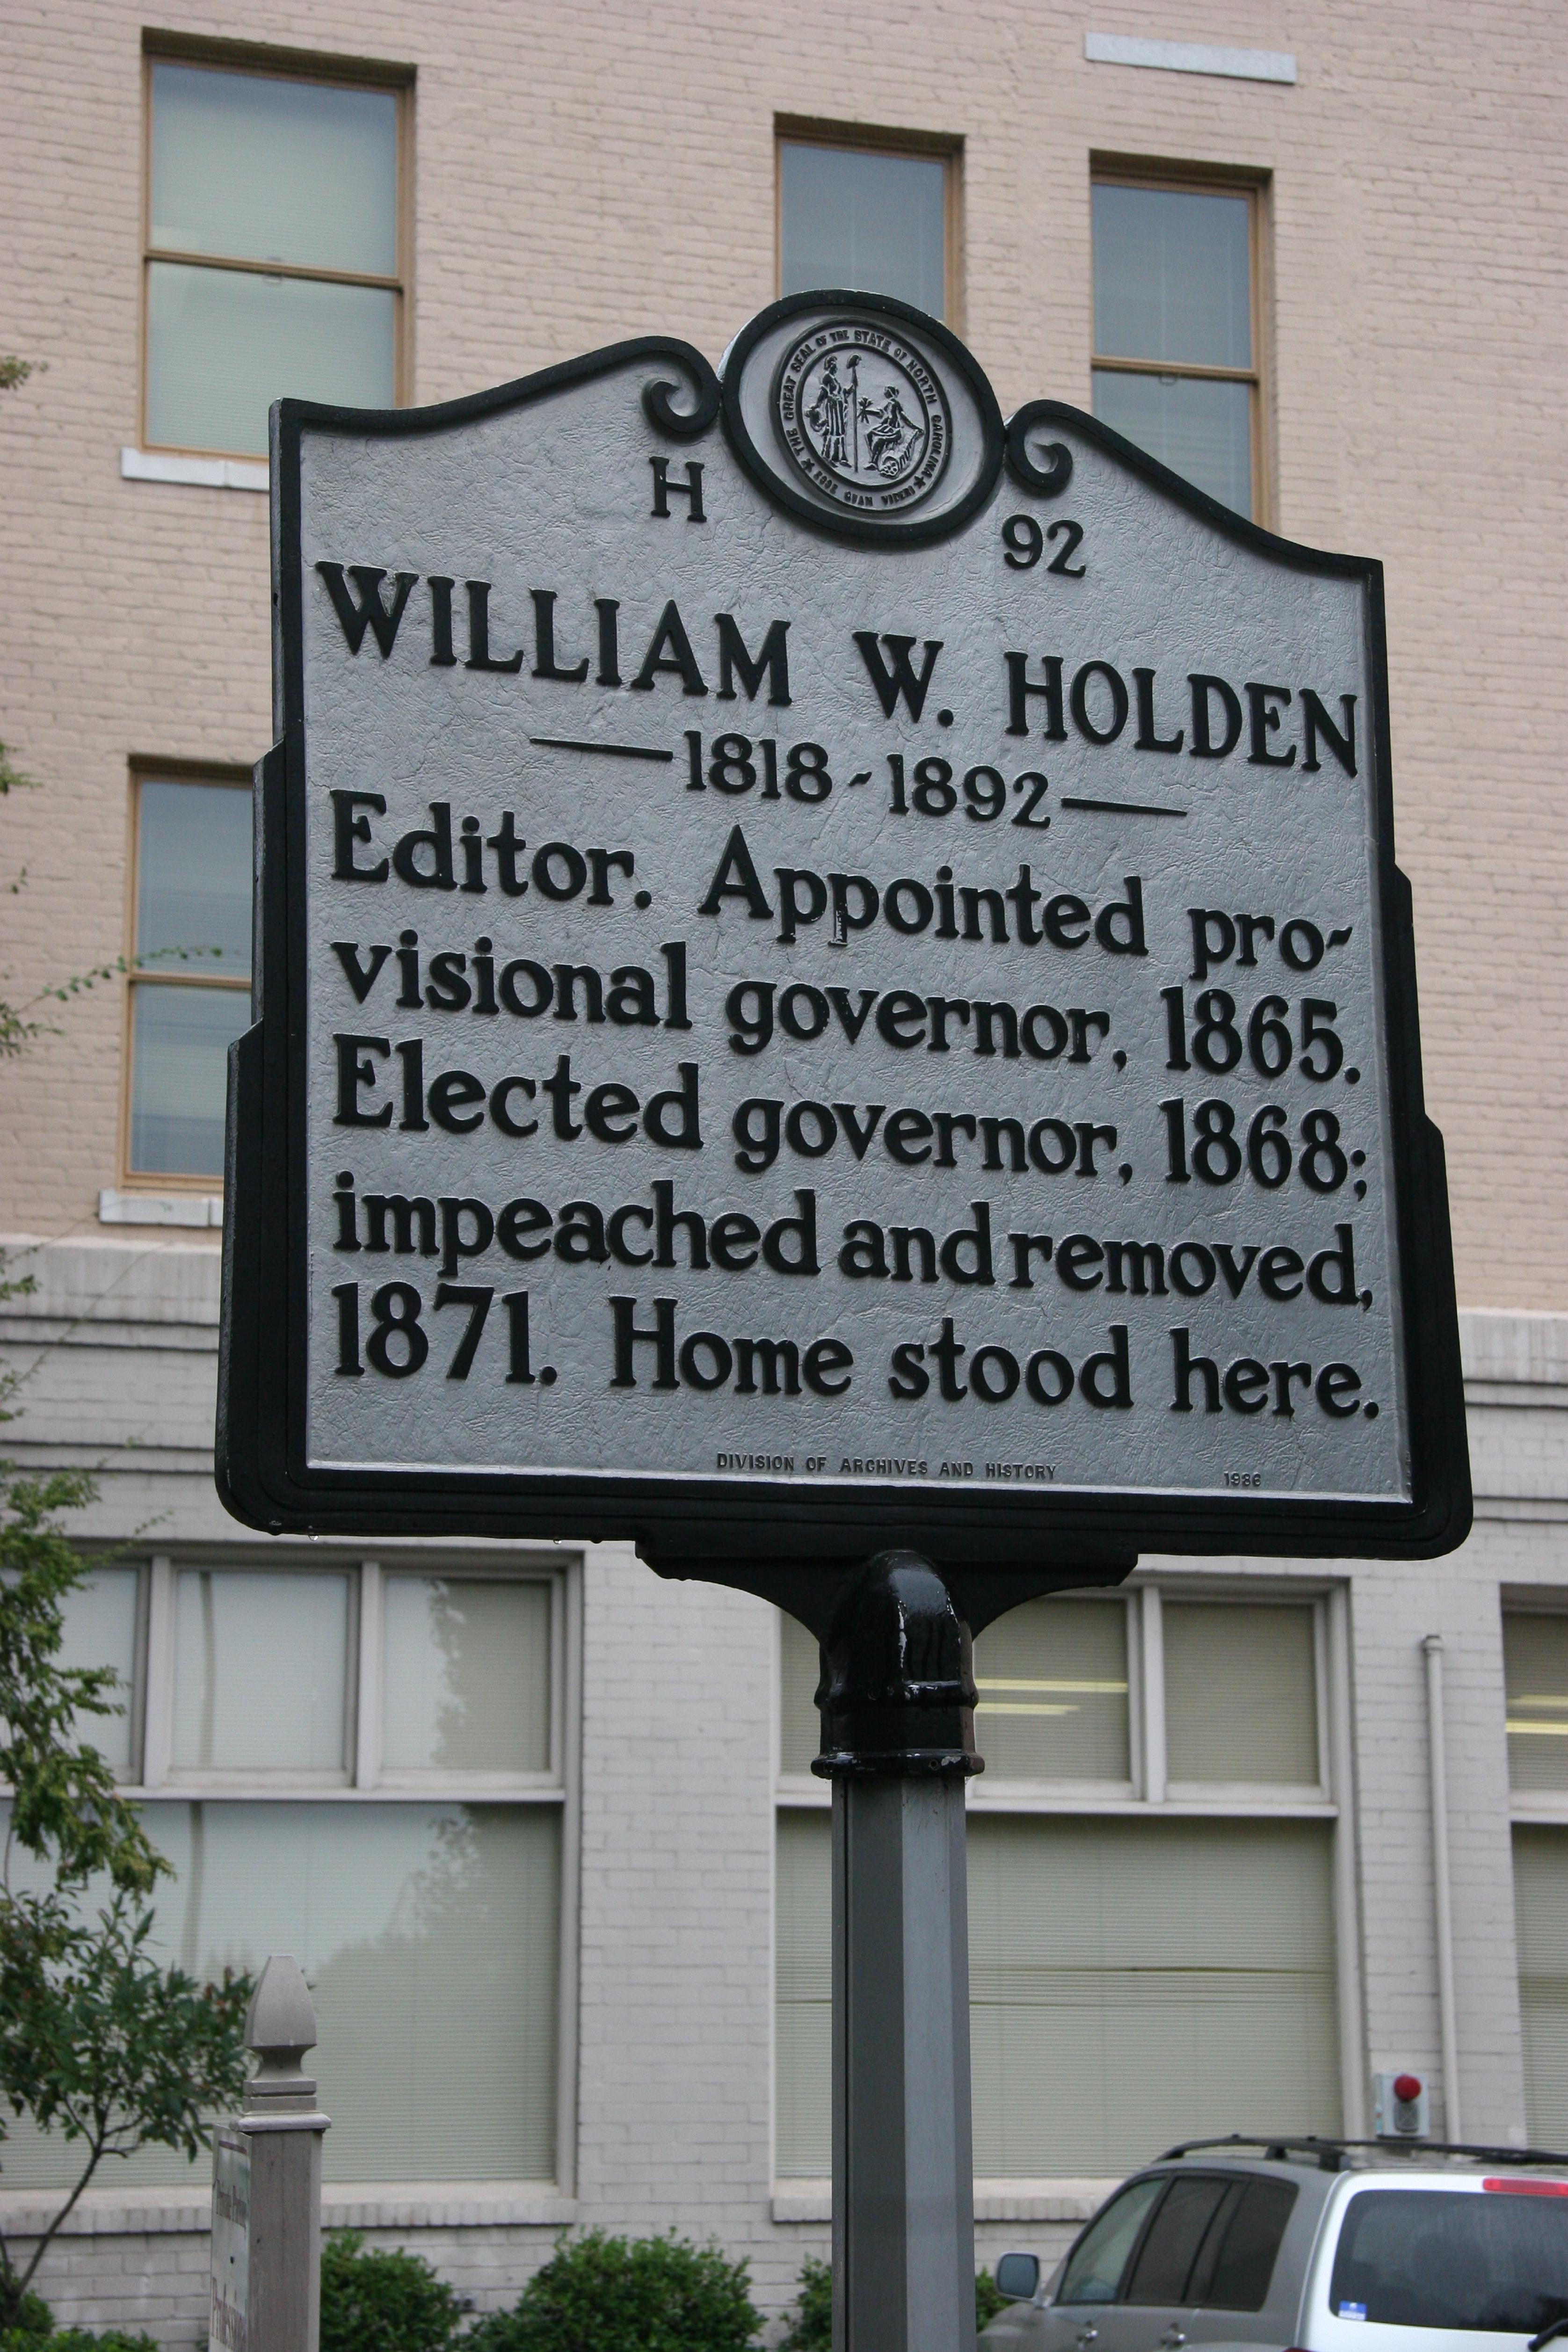 NC-H92 William W  Holden 1818-1892